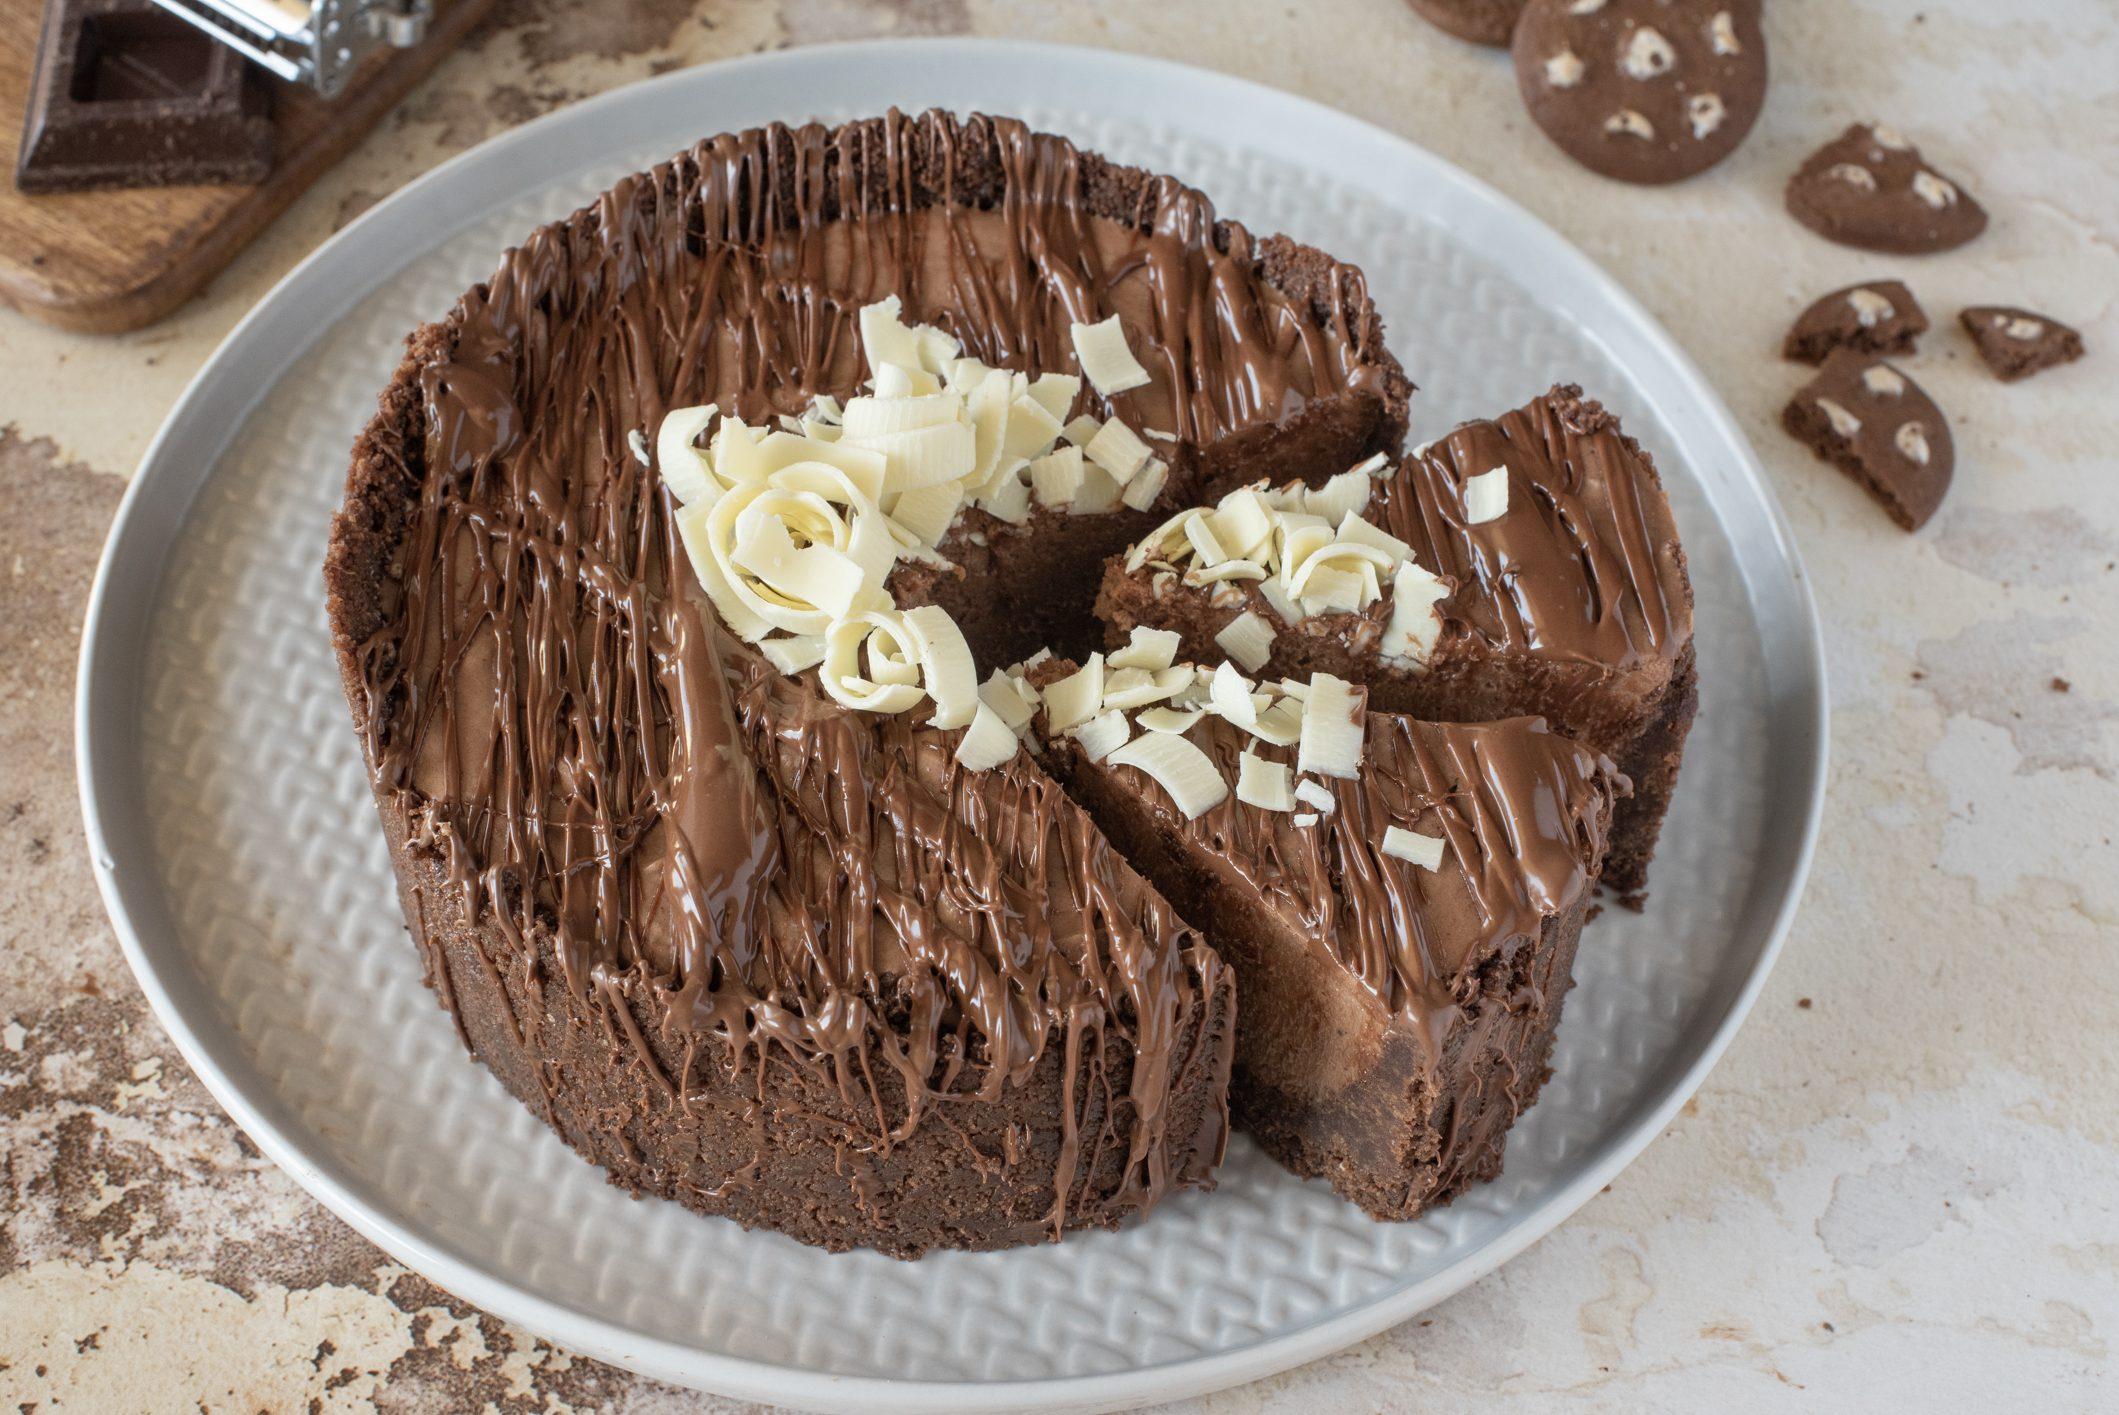 Cheesecake al cioccolato fondente: la ricetta del dessert facile e super godurioso